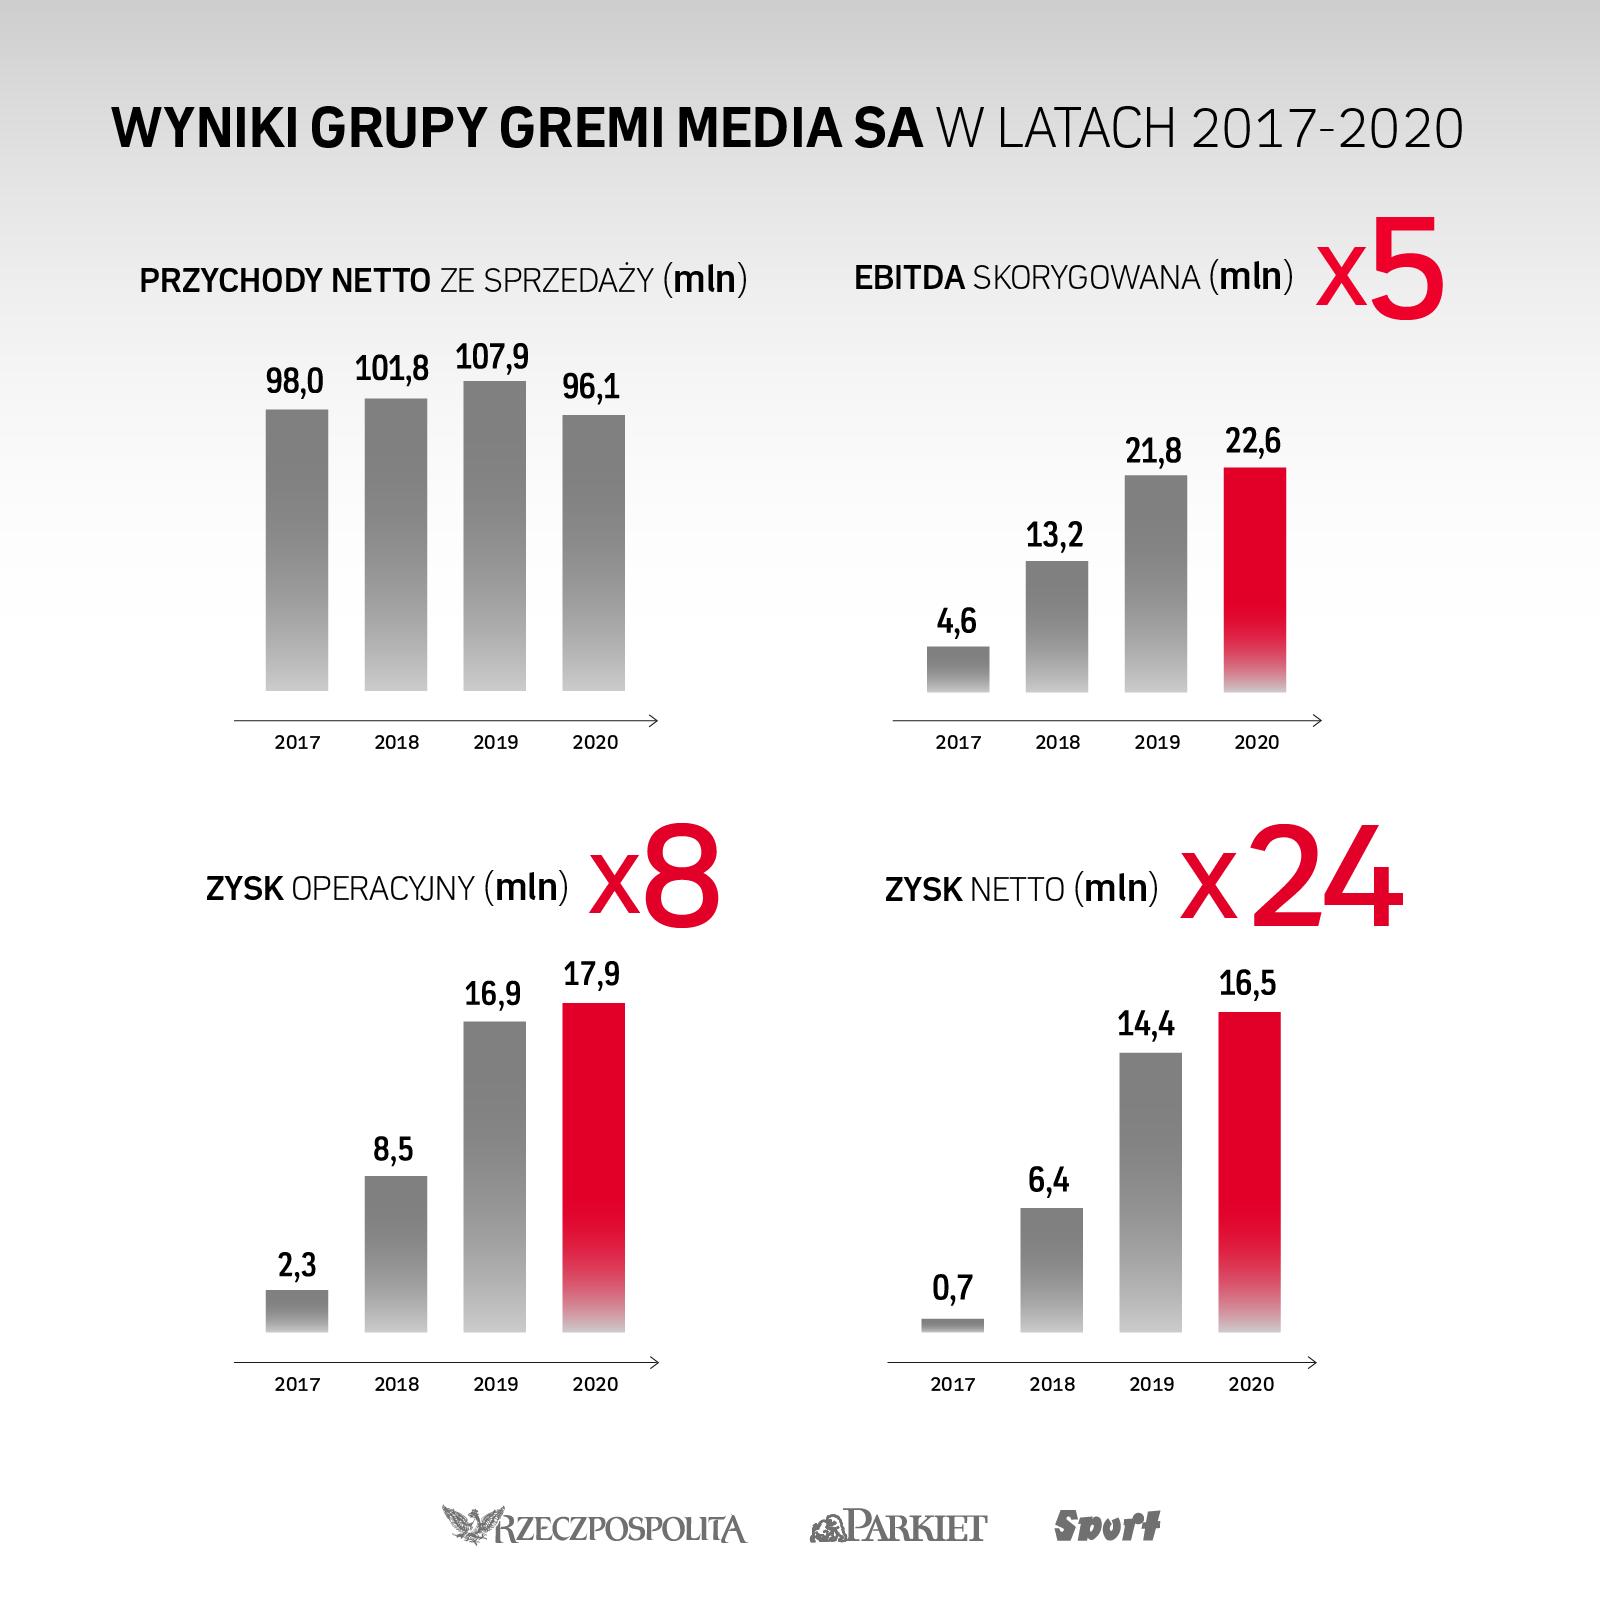 Wyniki grupy Gremi Media SA w latach 2017-2020